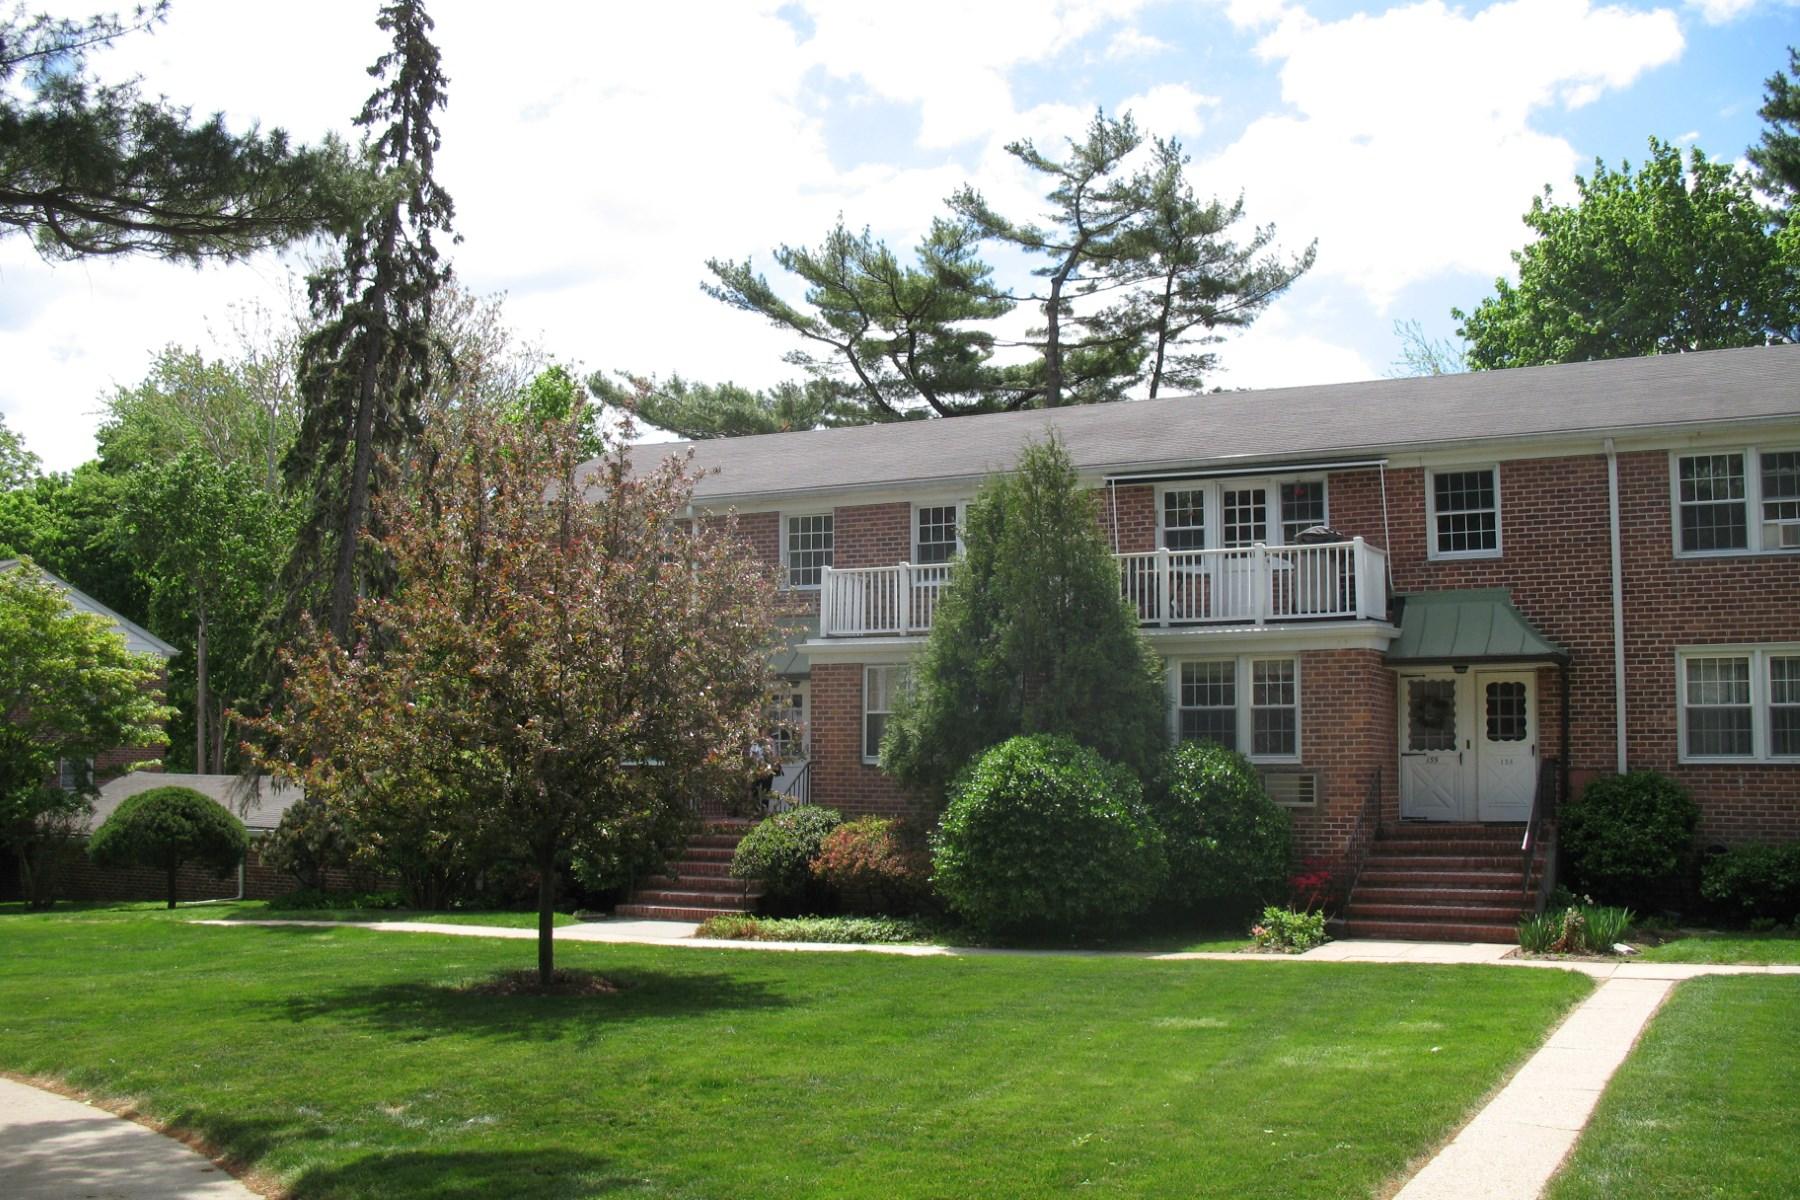 合作公寓 为 销售 在 Putnam Park 153 Putnam Park Central Greenwich, Greenwich, 康涅狄格州 06830 美国